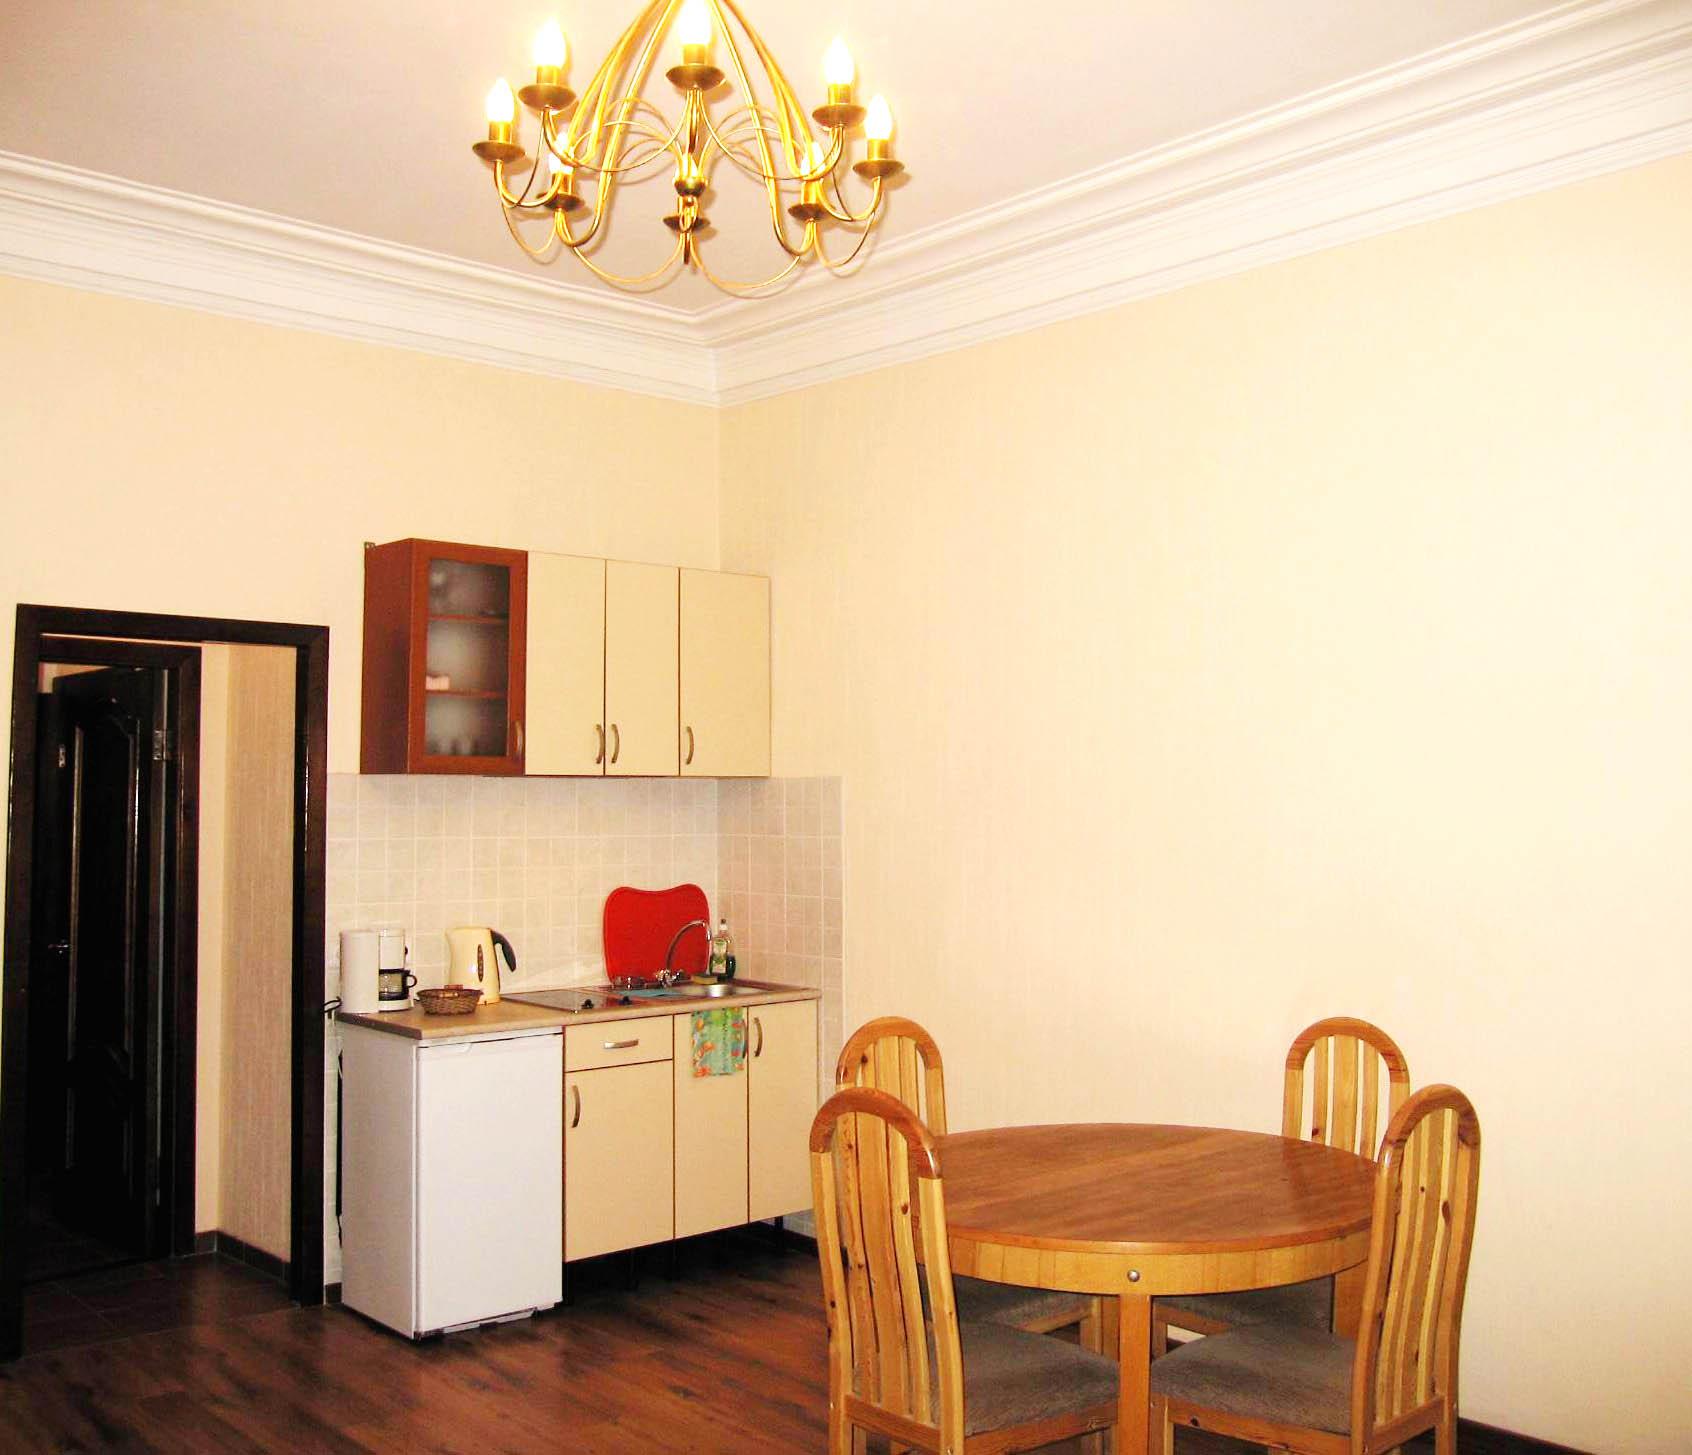 Verkoop 5+ slaapkamers, Gouden driehoek, St Petersburg, Rusland, Gorokhovaya 64   rusland